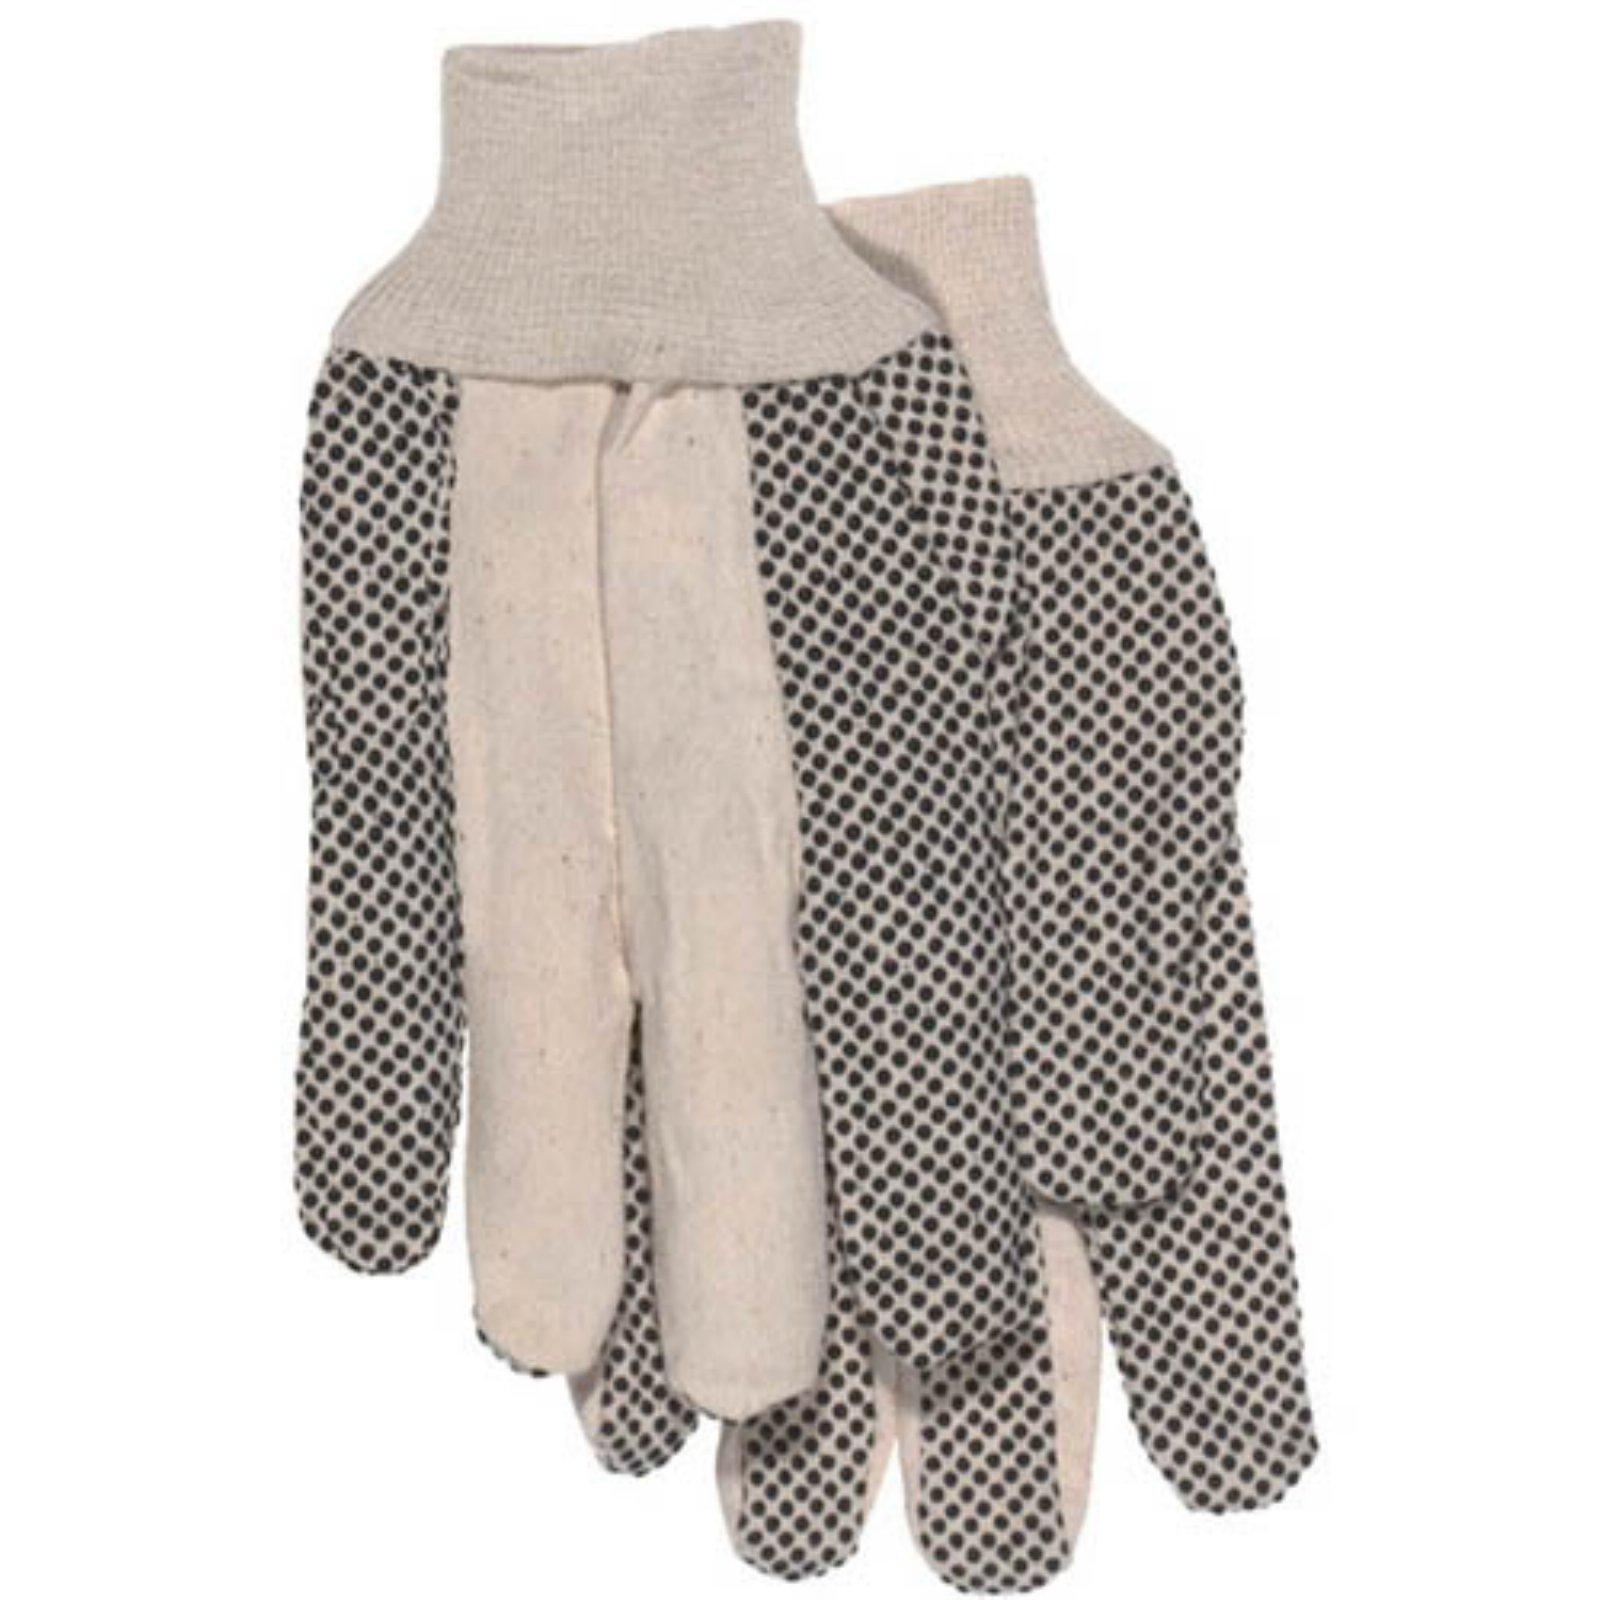 Boss Gloves Plastic Dot Cotton Gloves